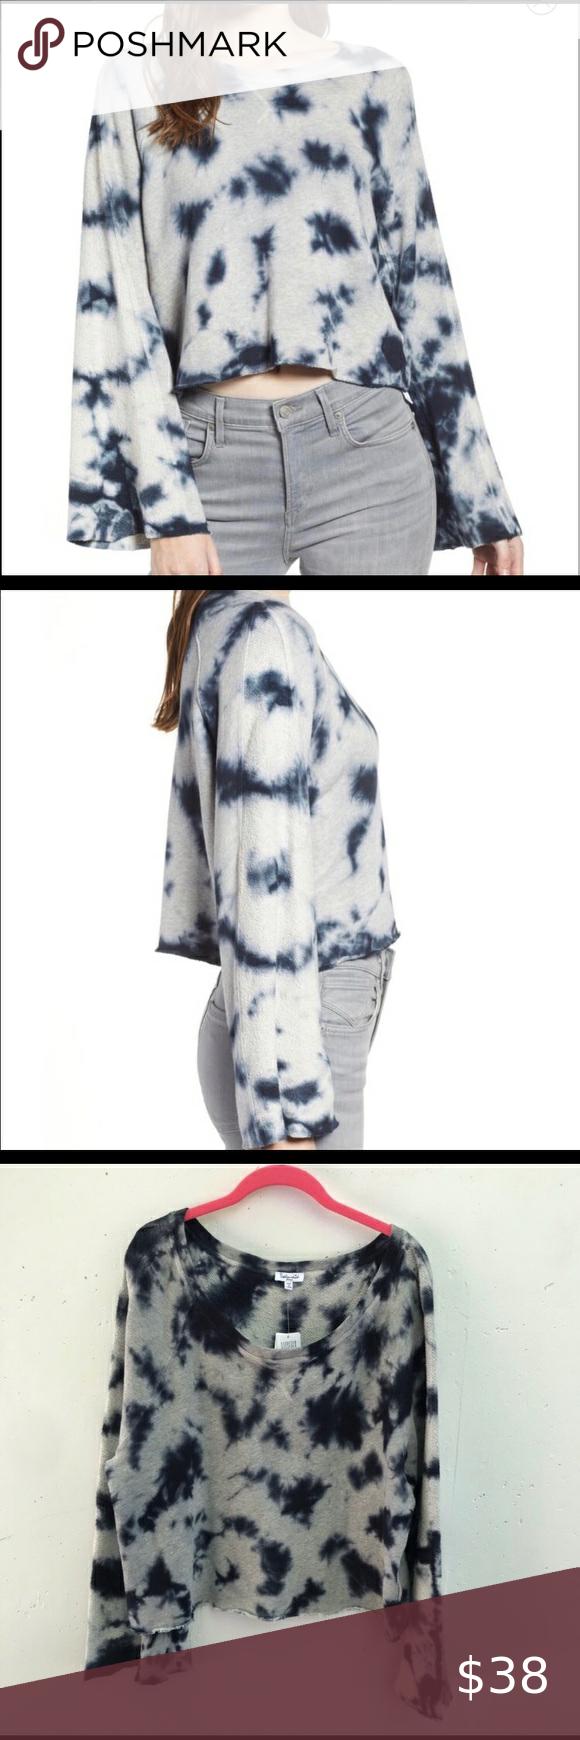 Nwt Splendid Tie Dye Crop Sweatshirt Nwt Stylish Oversized Fits More Like A L Cropped Tie Dye Sweatshirt With Long B Crop Sweatshirt Clothes Design Tie Dye [ 1740 x 580 Pixel ]